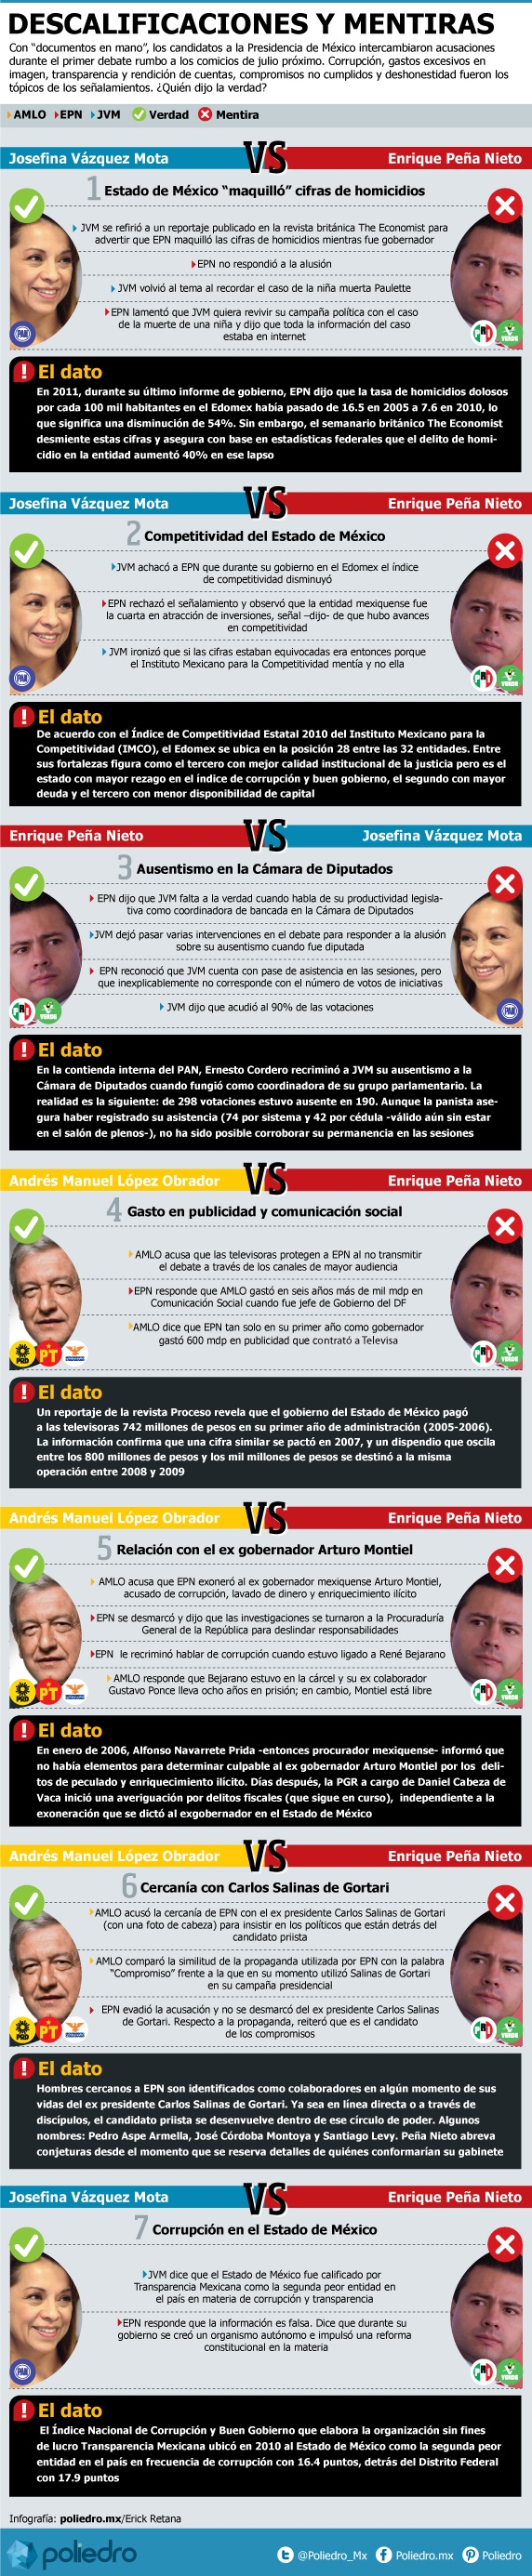 Las verdades a medias de Enrique Peña Nieto y Josefina Vázquez Mota durante el #Debate2012